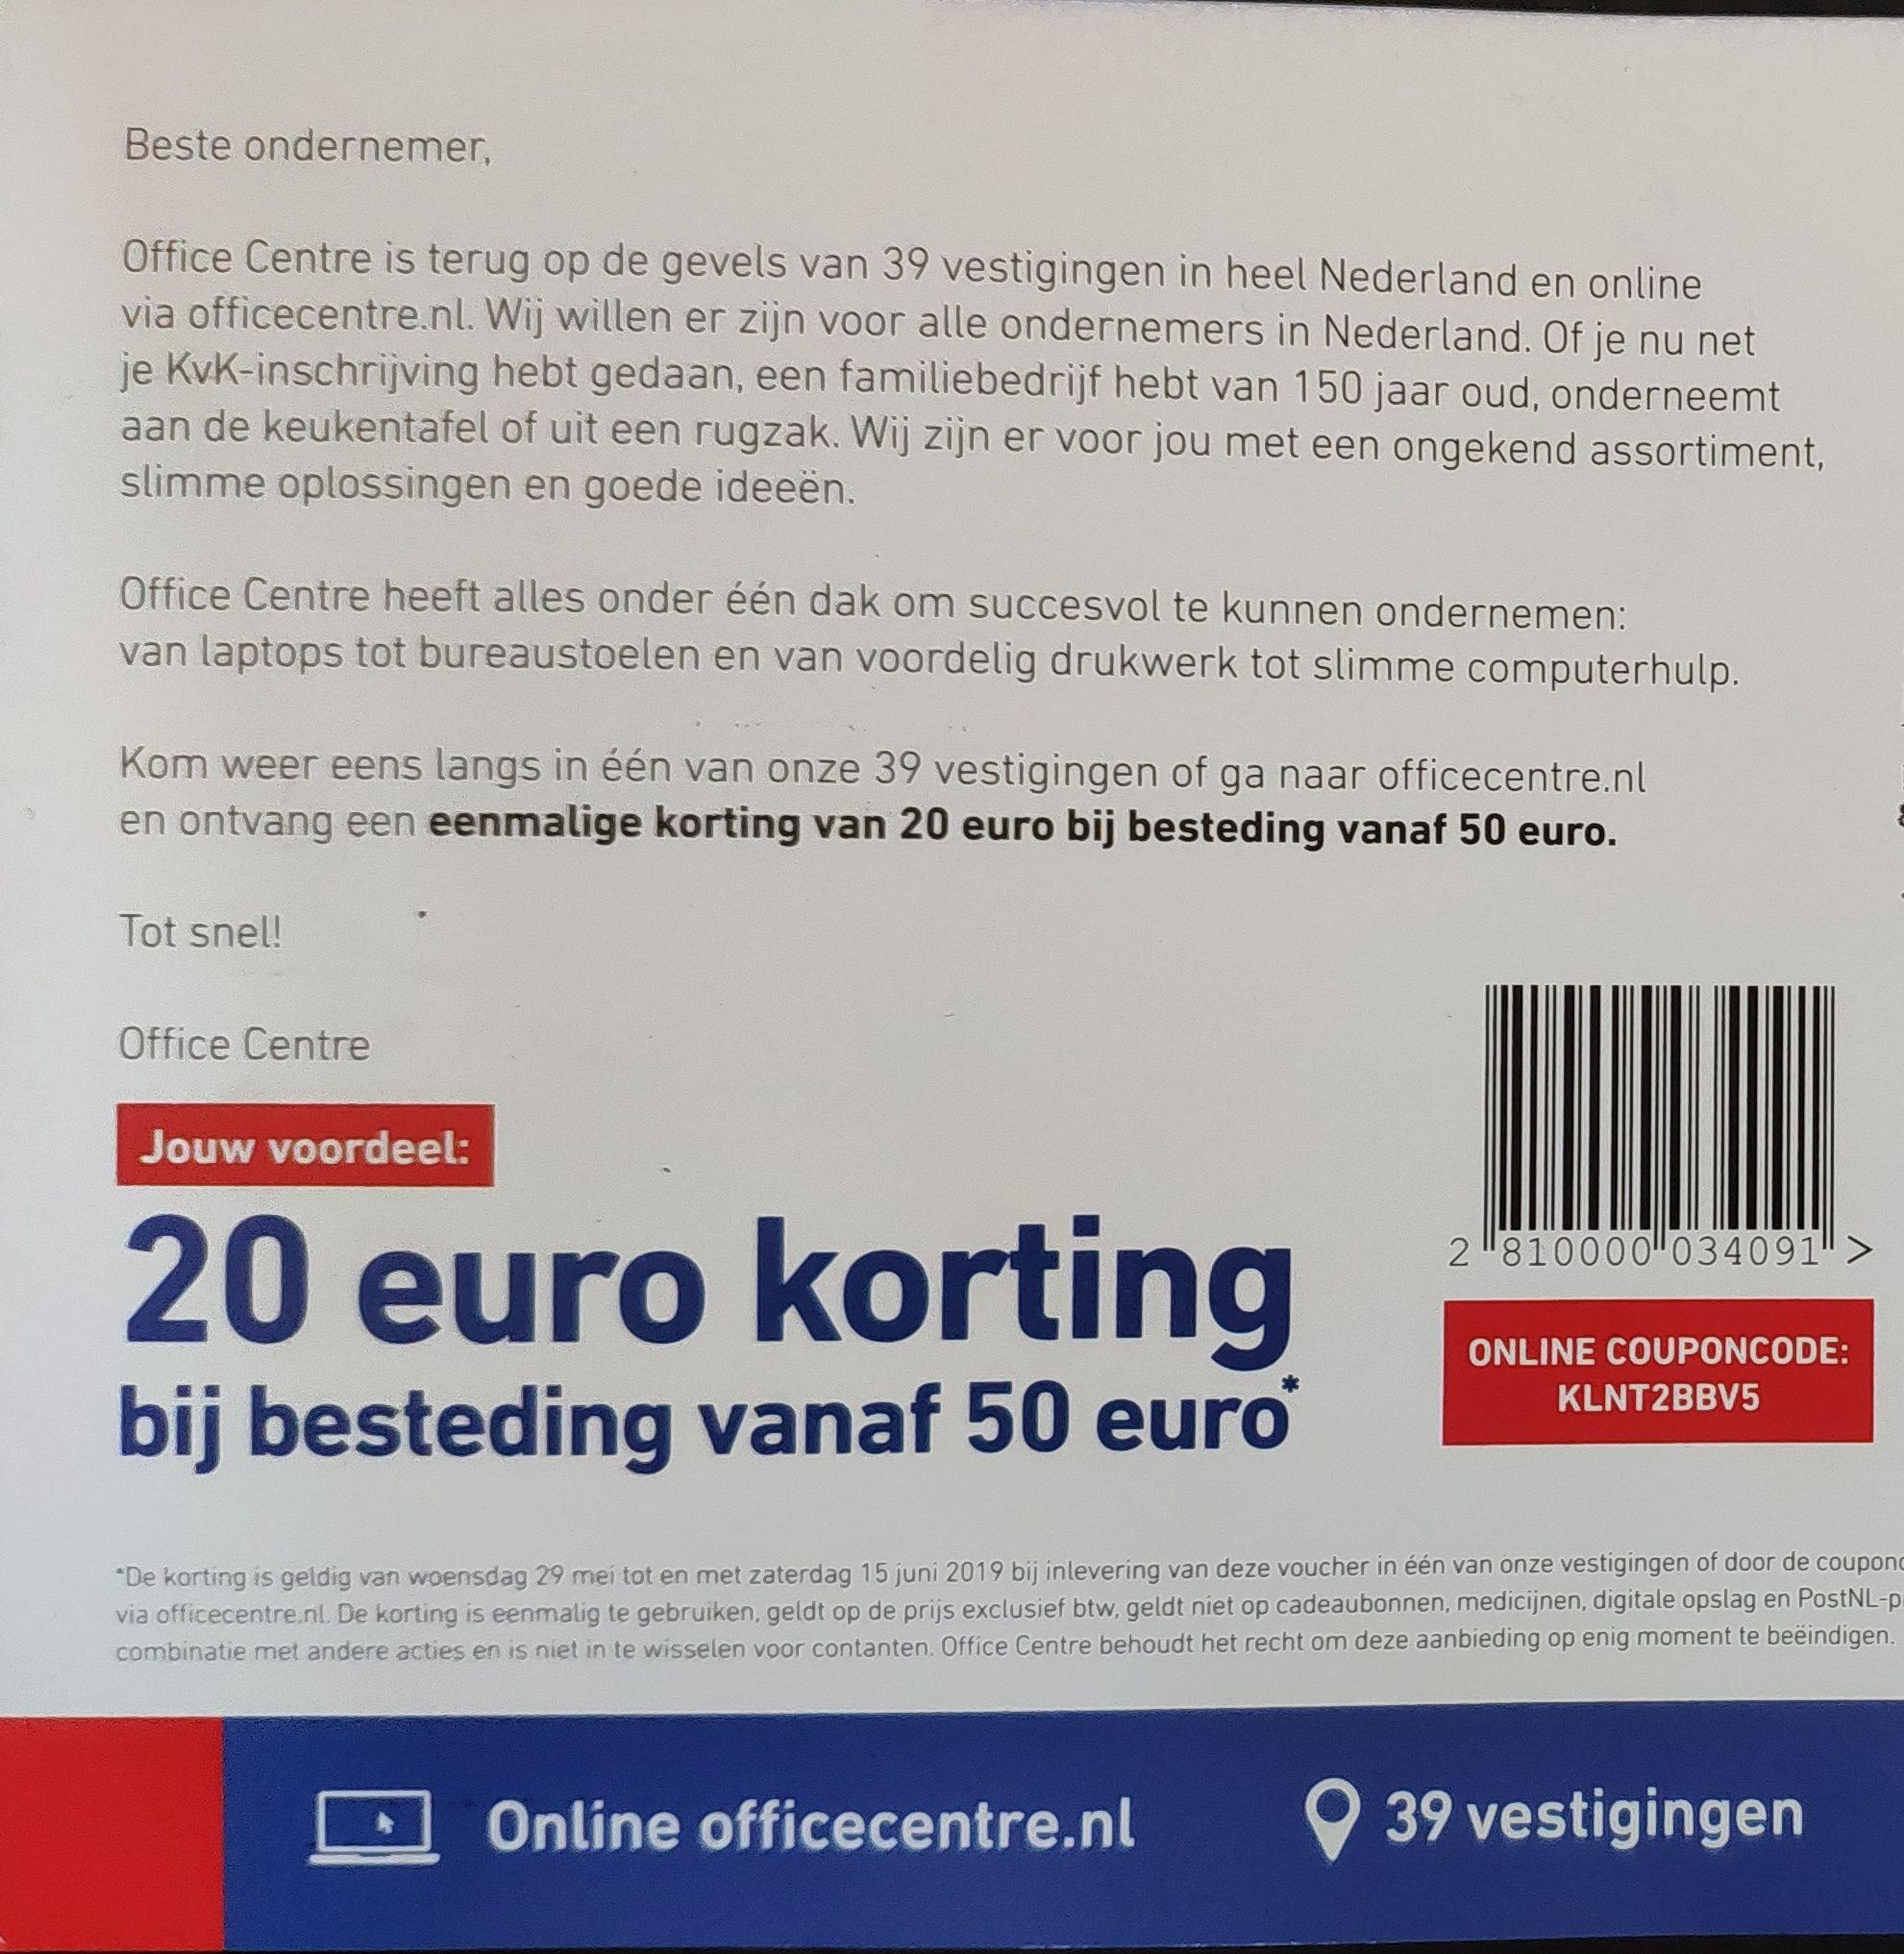 OfficeCentre | 20 euro korting bij besteding van 50 euro